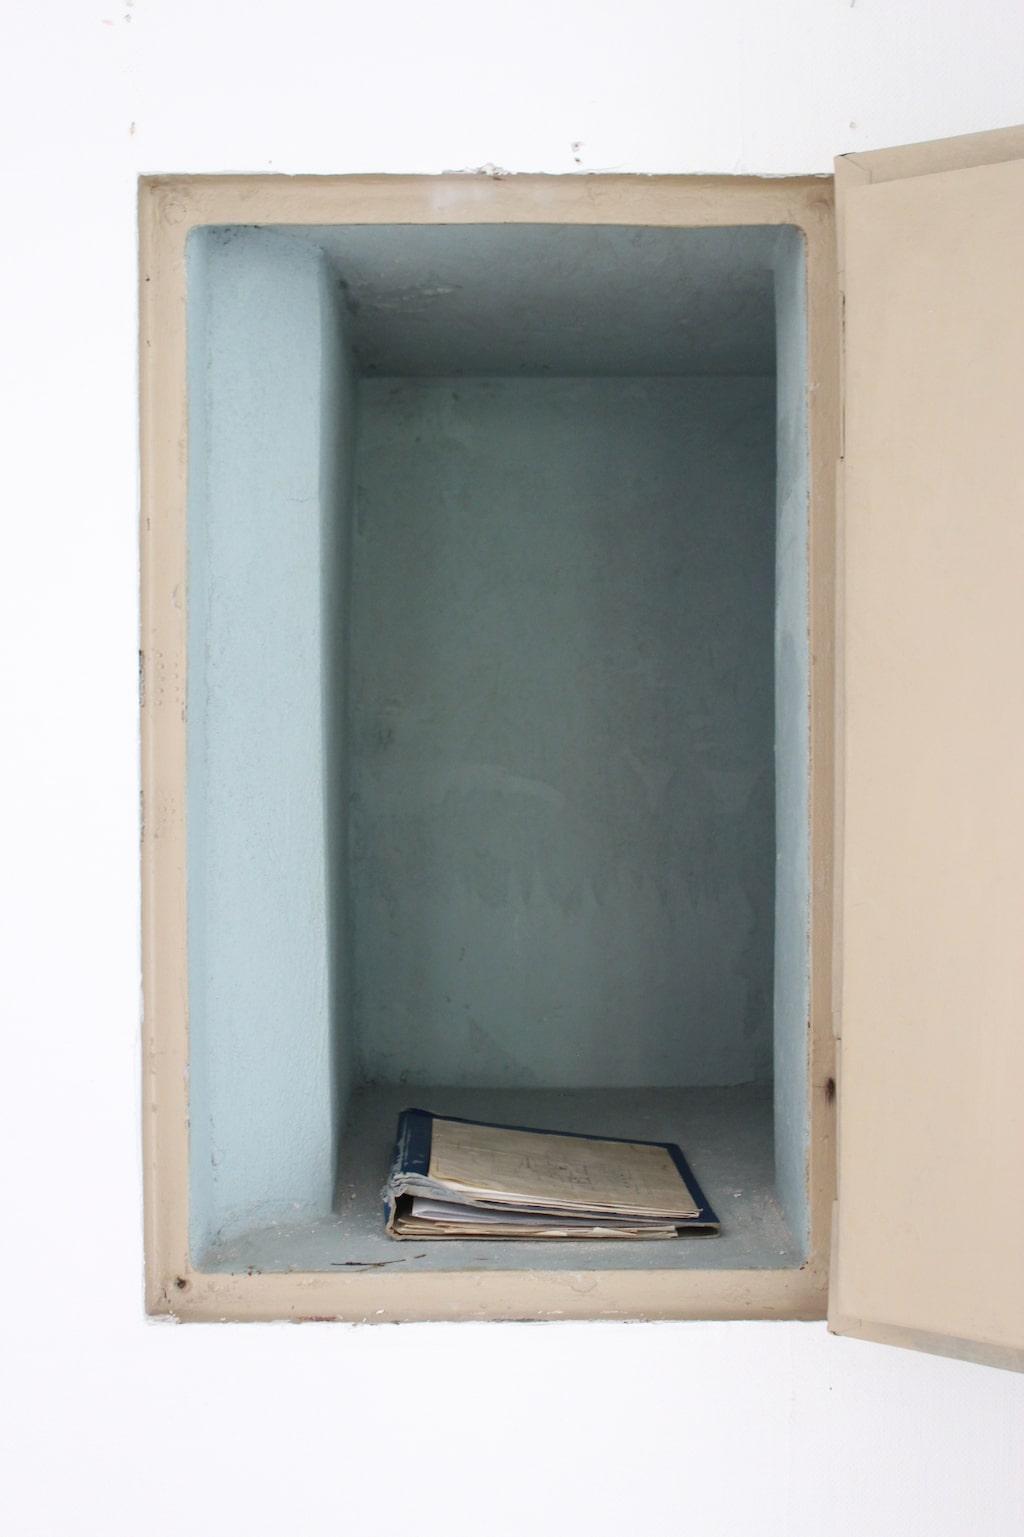 I murstocken fanns ett inbyggt kassaskåp där stadens alla viktiga papper förvarades. I dag finns här en gammal pärm med ritningar och en del historia om huset som följt med alla ägare.